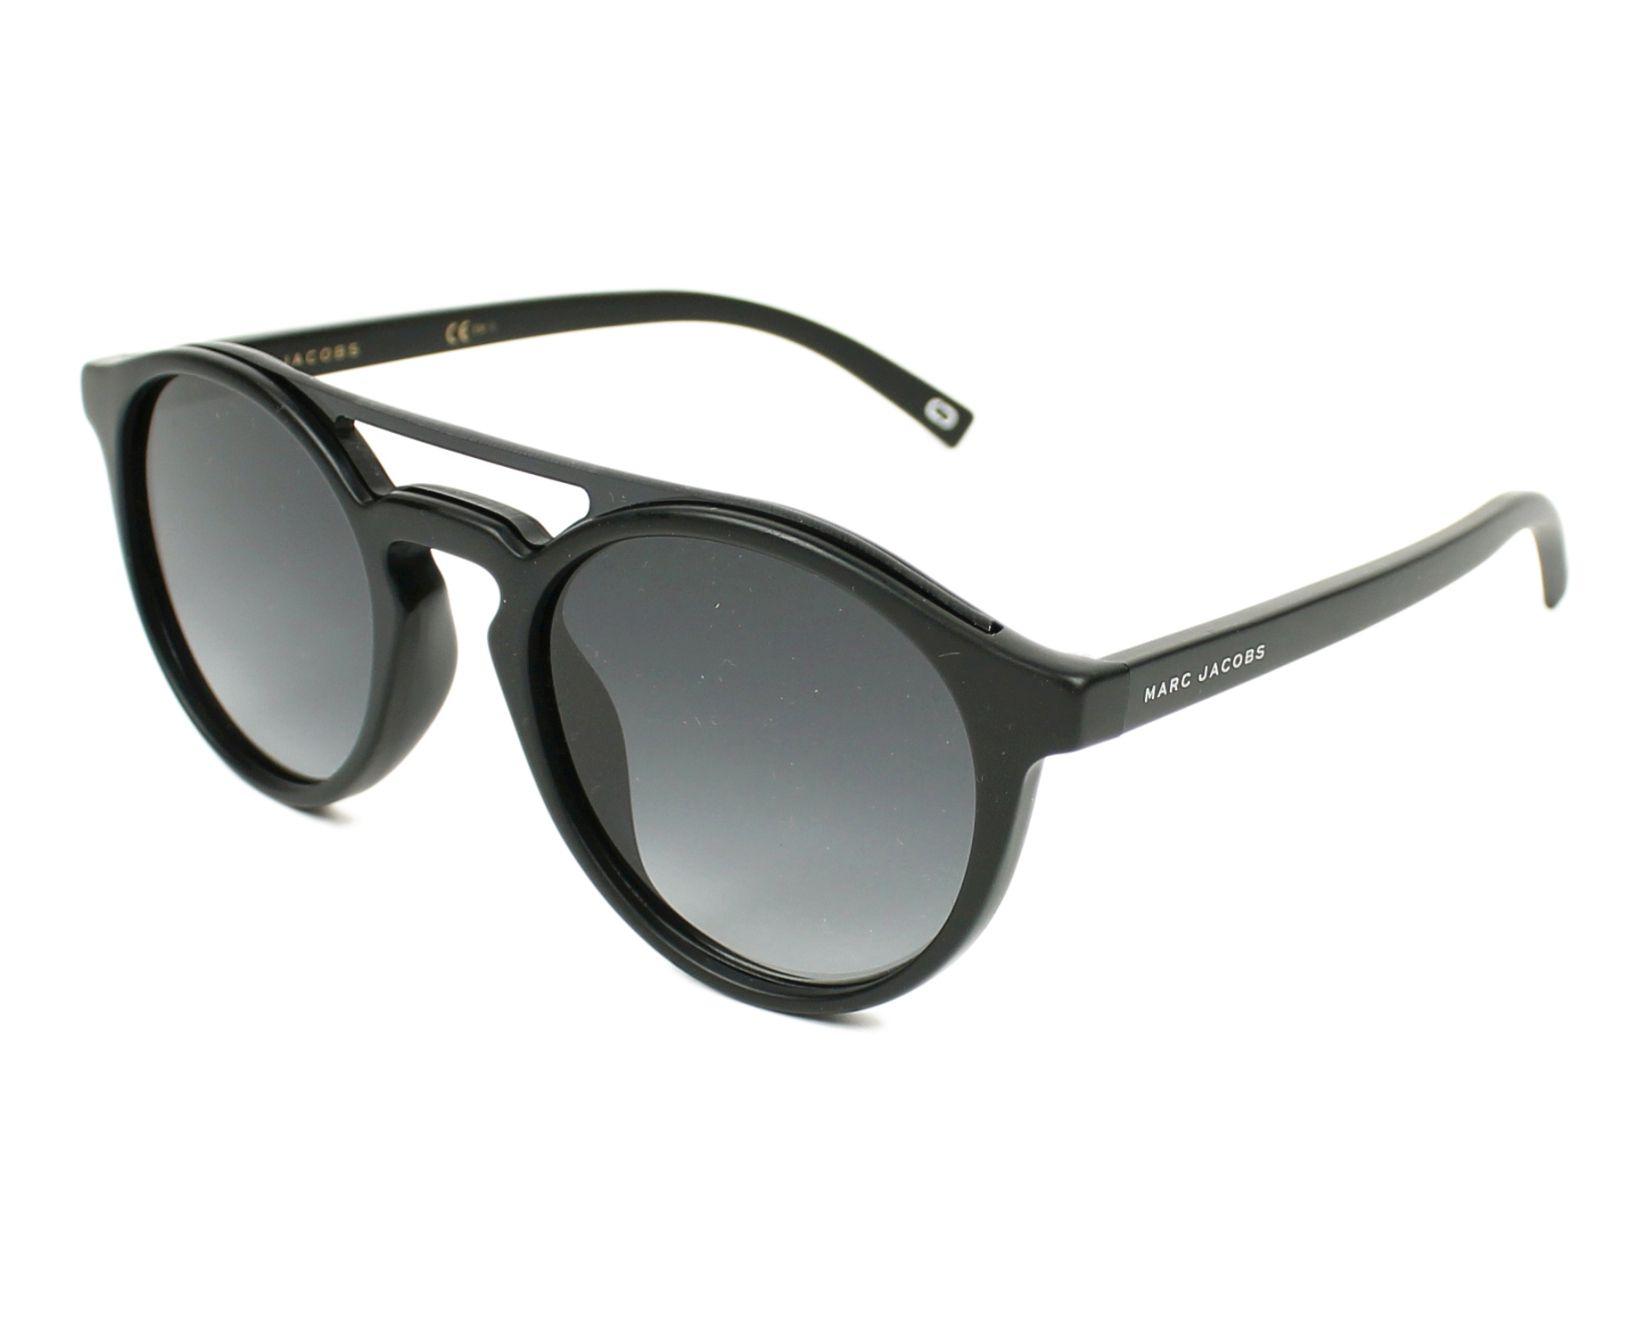 marc jacobs sunglasses marc 107 s d28 9o black visionet. Black Bedroom Furniture Sets. Home Design Ideas